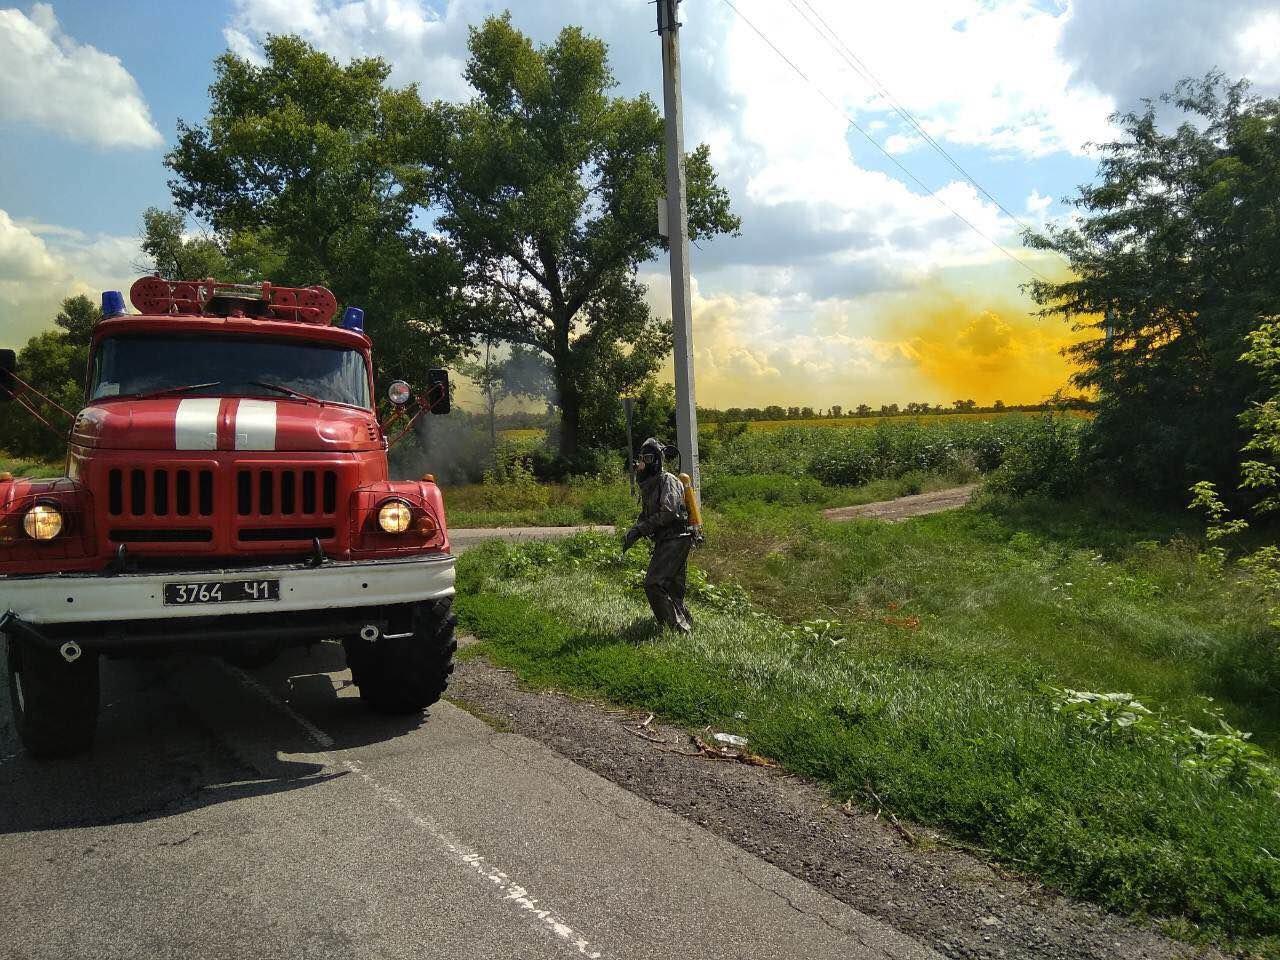 Утечка кислоты и ядовито-оранжевое облако: под Днепром по трассе растеклось химическое вещество, - ФОТО, ВИДЕО, фото-5